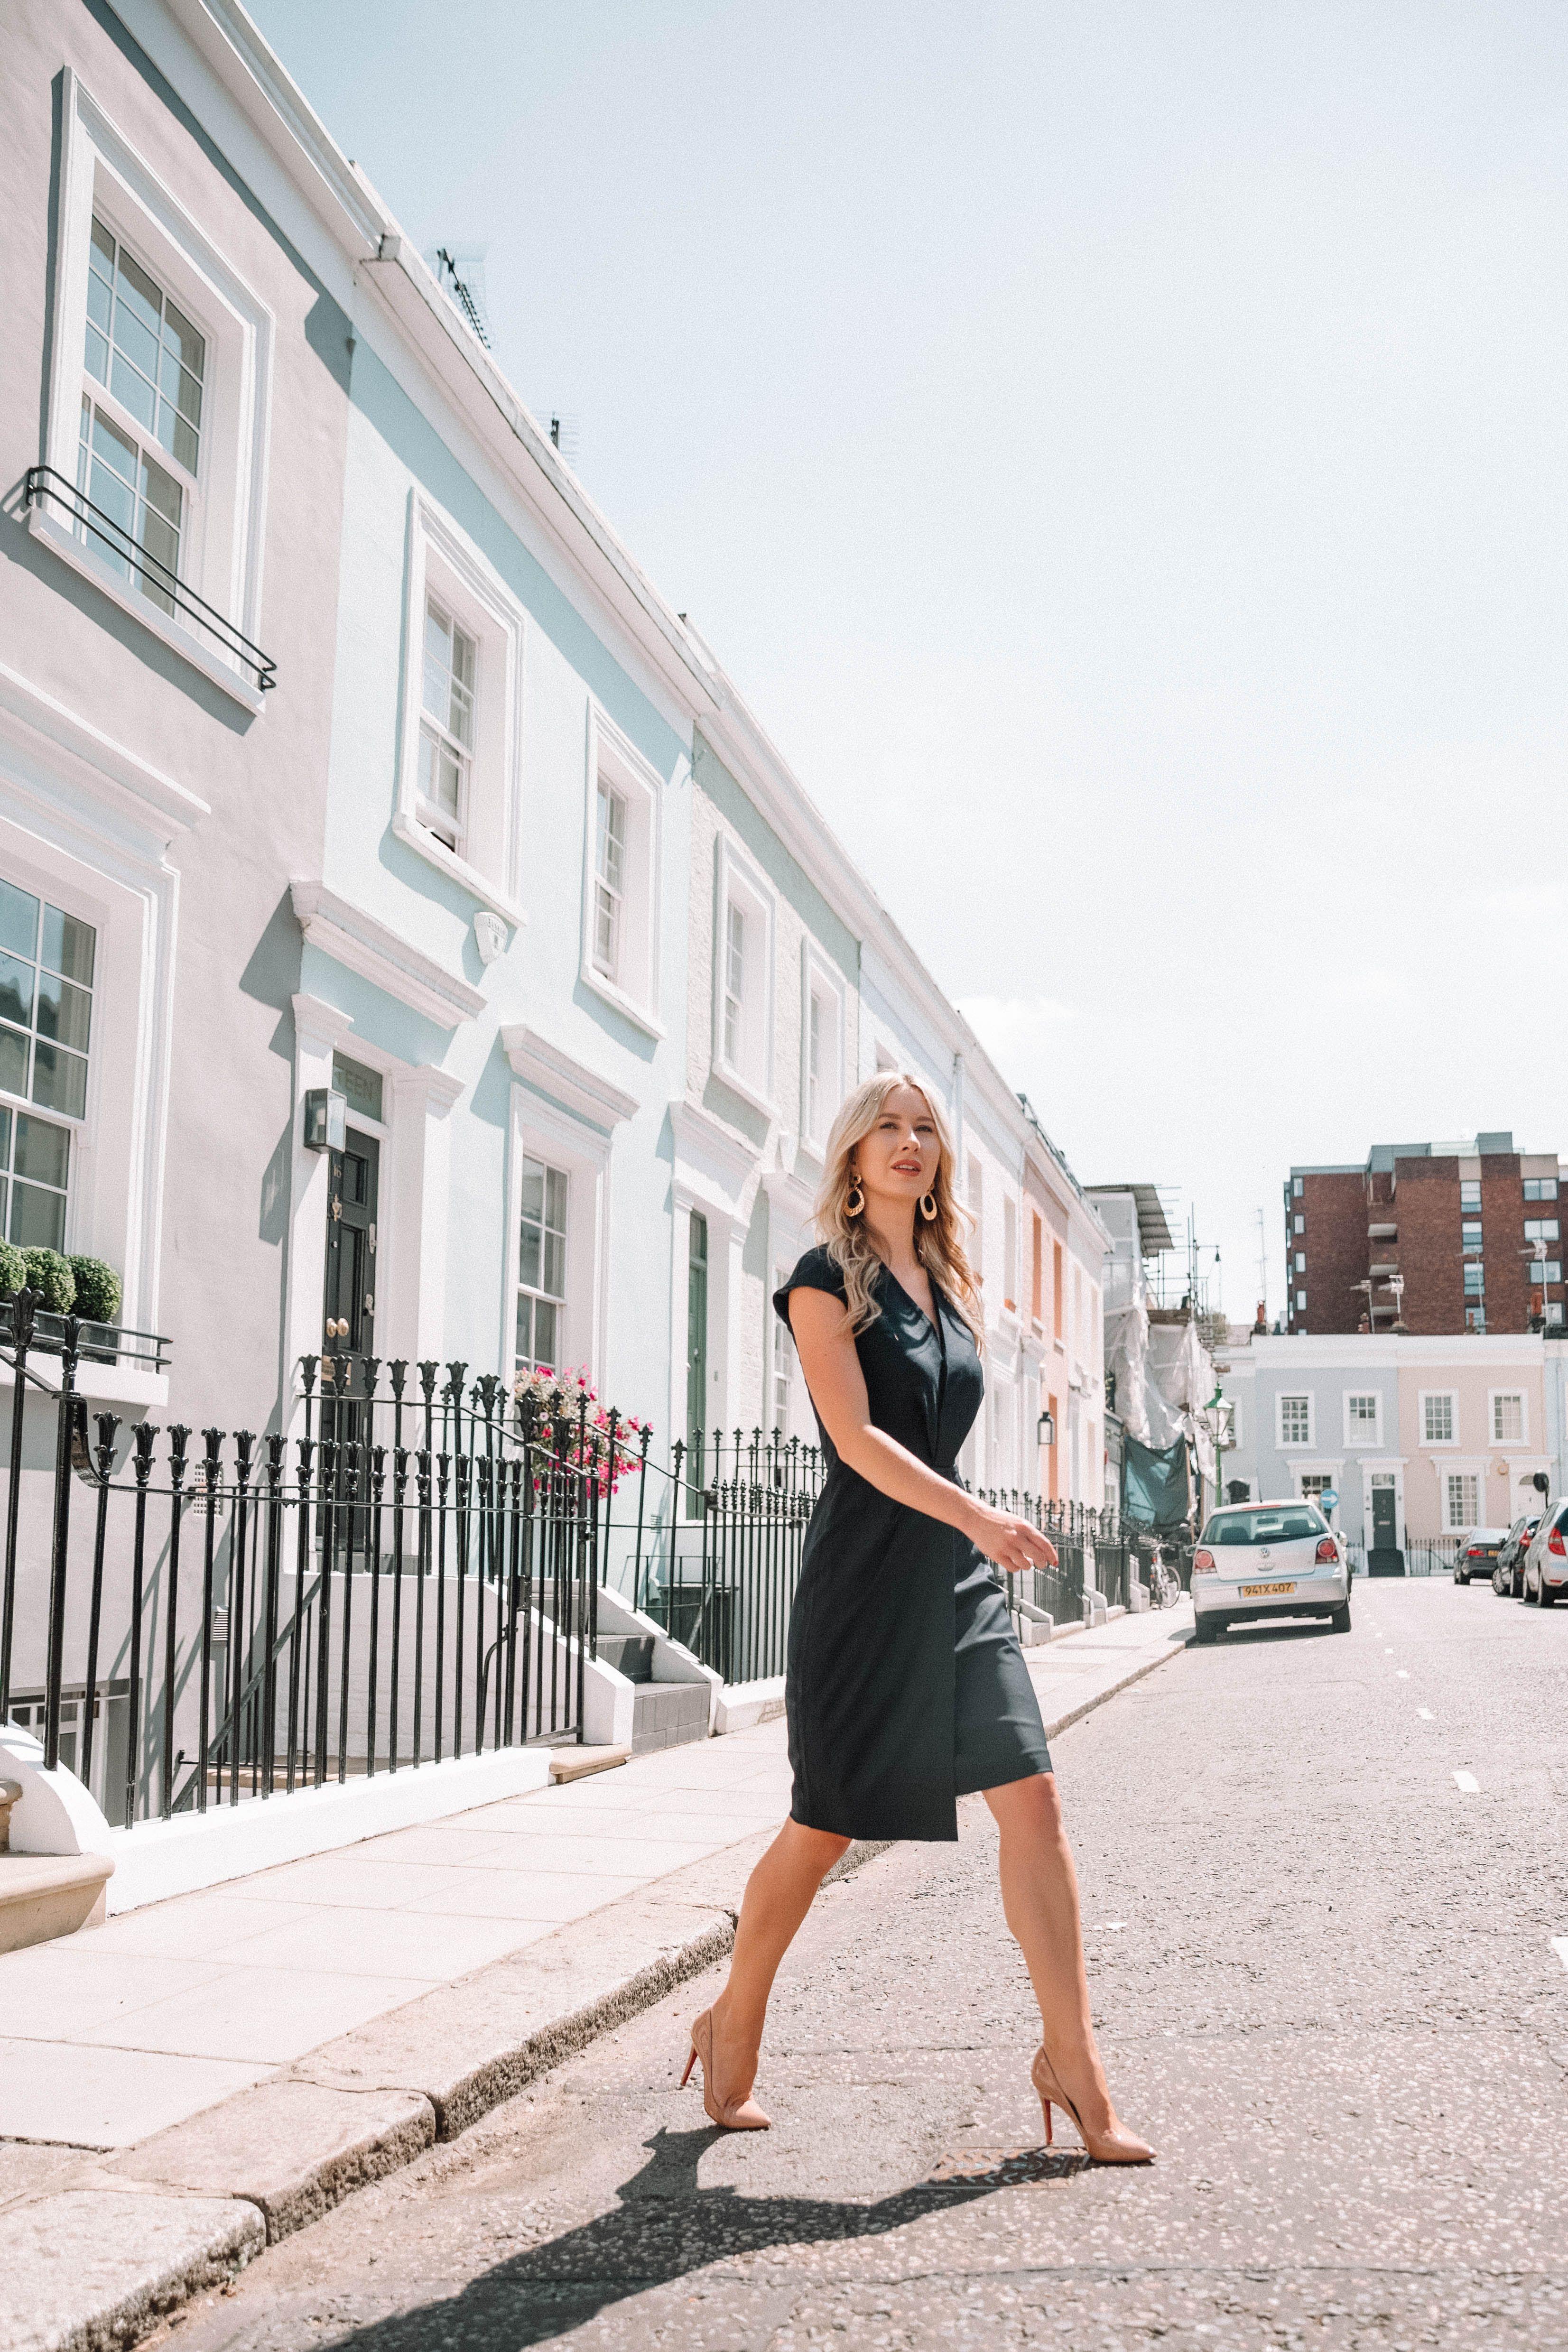 6368402c9e she goes wear reiss navy fenton tailored dress blue pencil dress london  workwear office style officewear fashion blogger steve madden nude heels ...